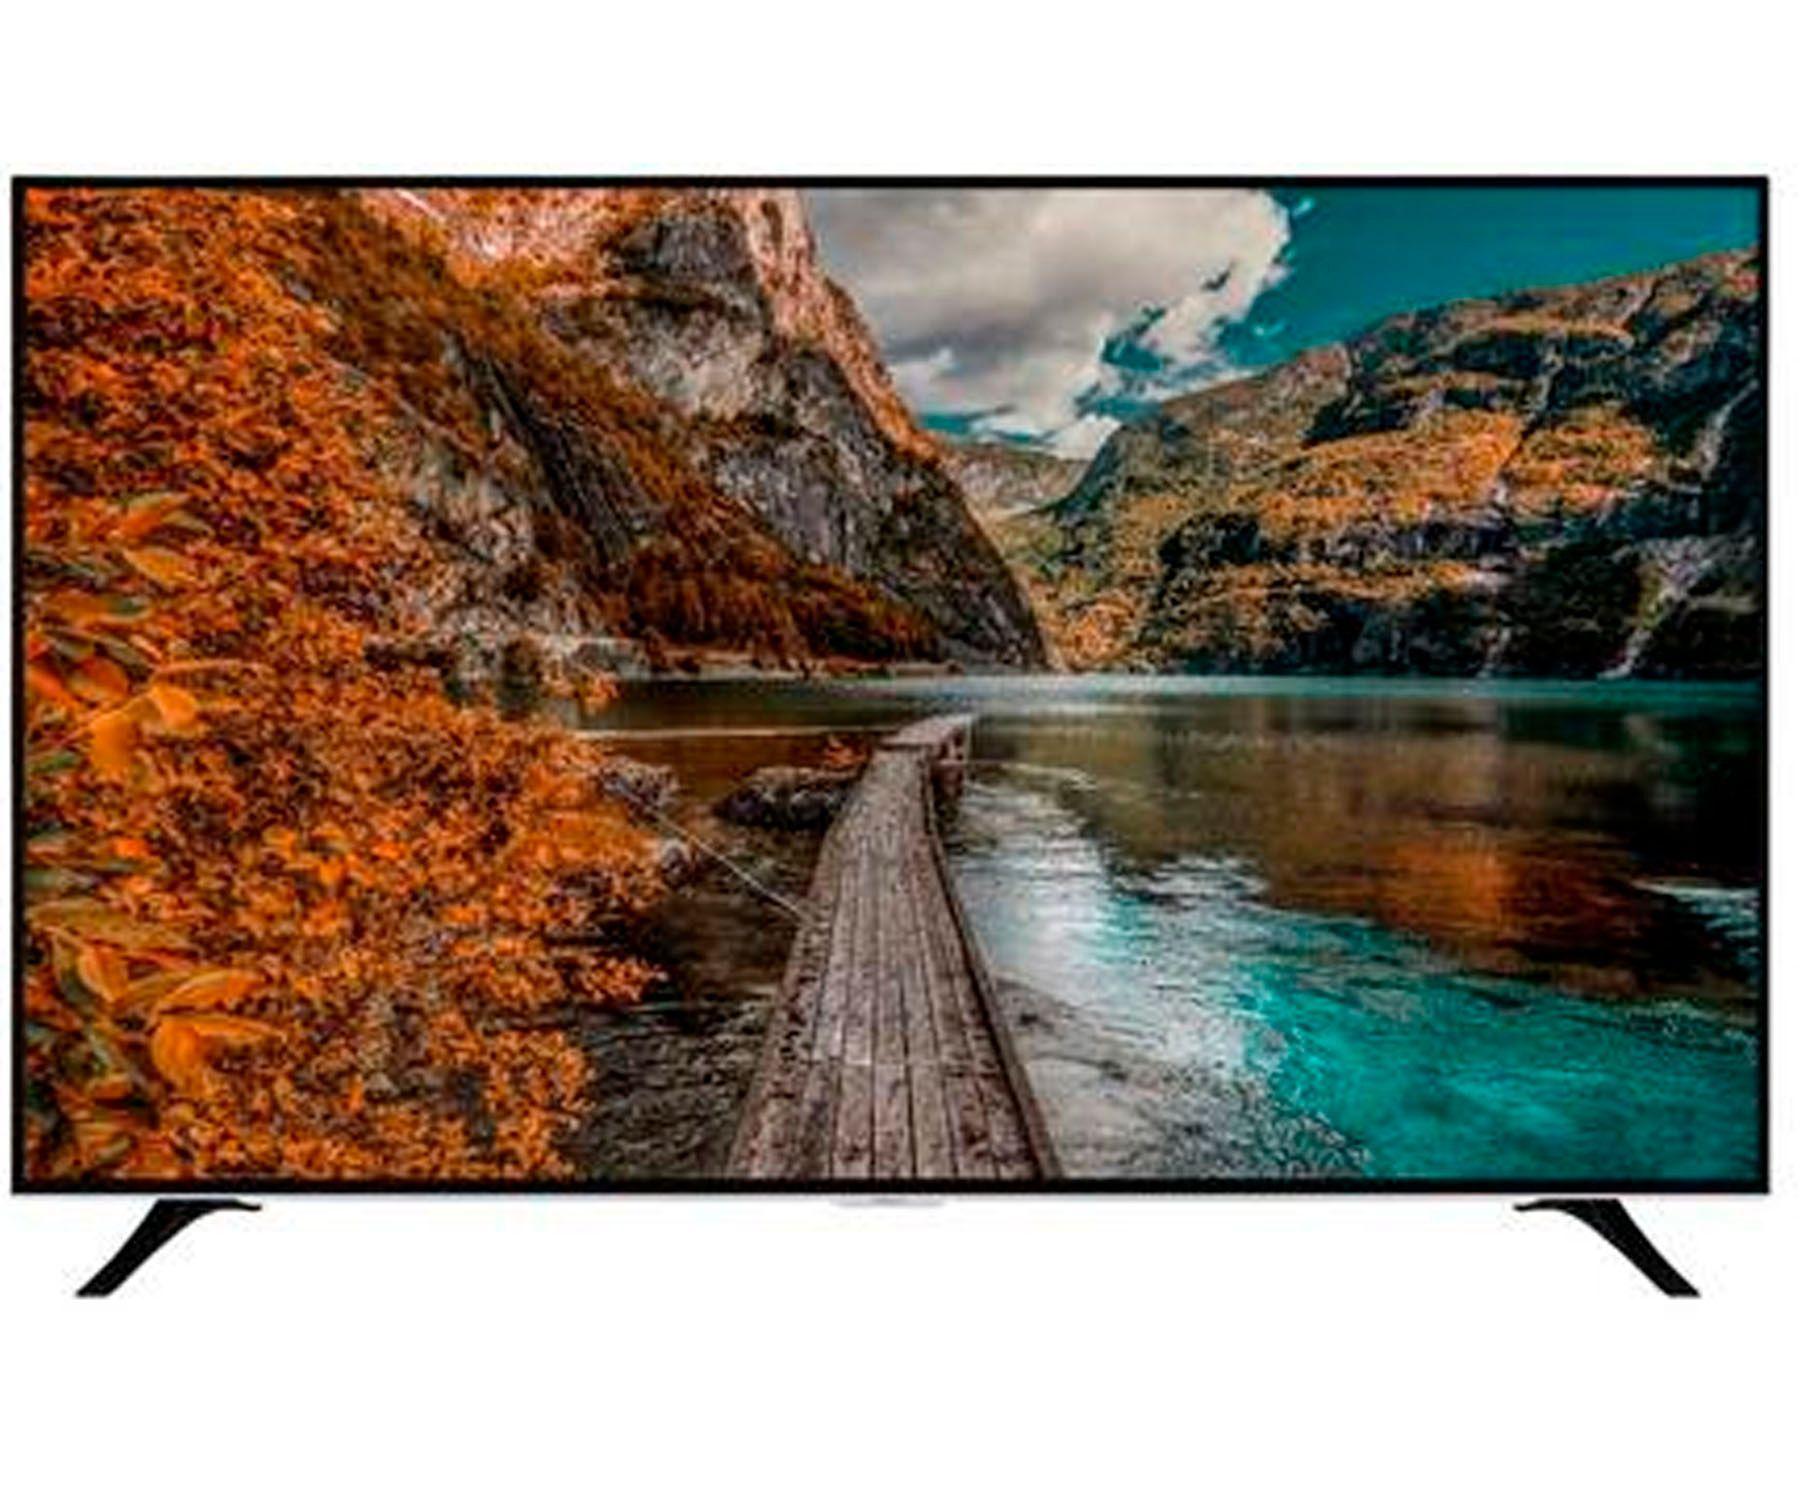 HITACHI 50HAK5751 TELEVISOR 50 LED HDR 4K SMART ANDROID TV 1200BPI HDMI USB